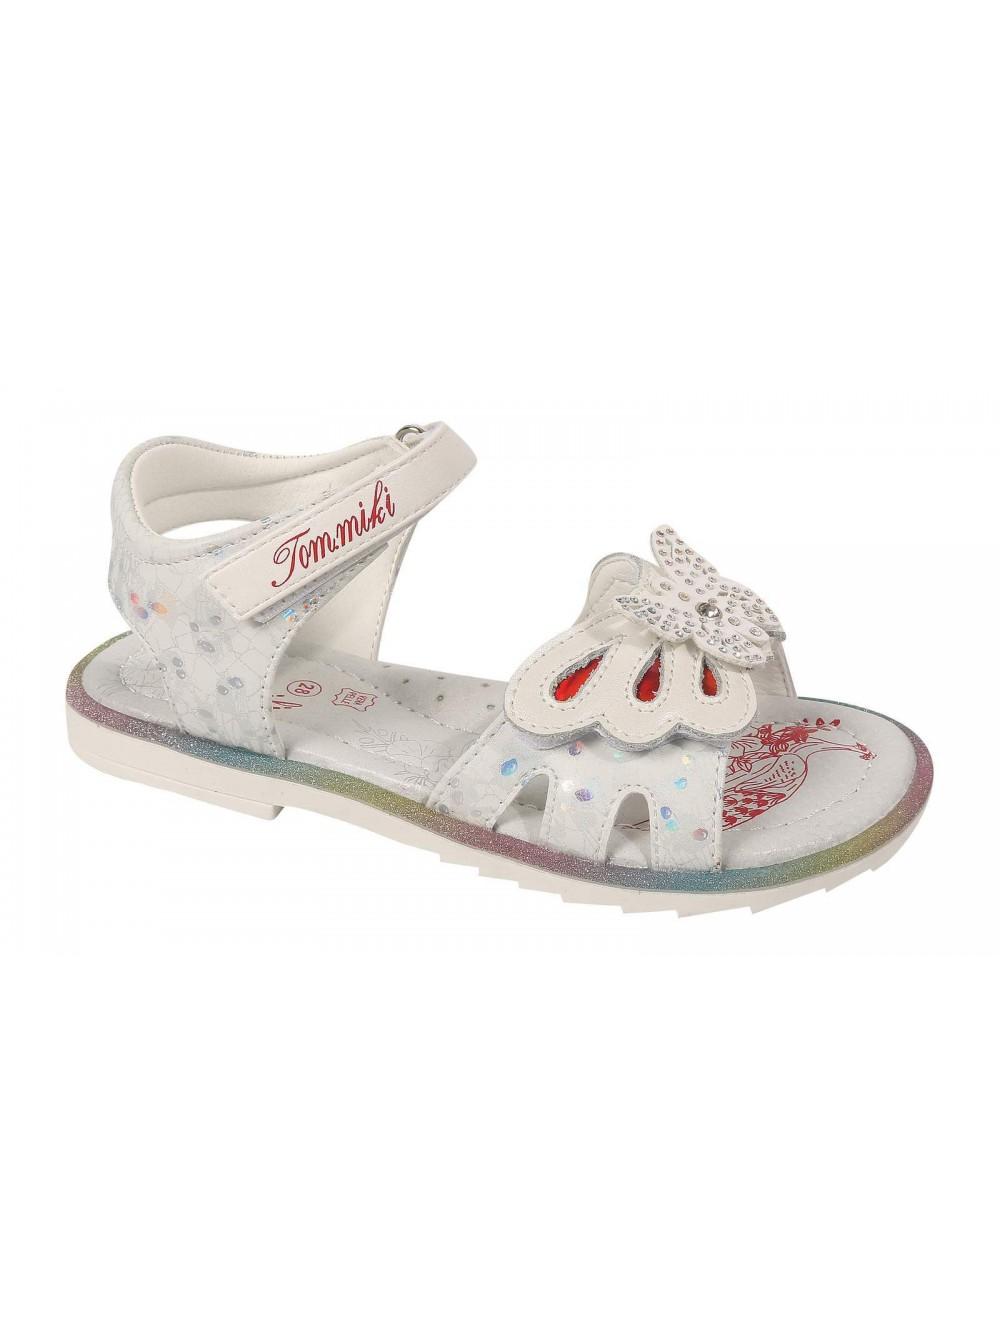 Туфли открытые Tom&Miki B-7234-A белый (25-30)